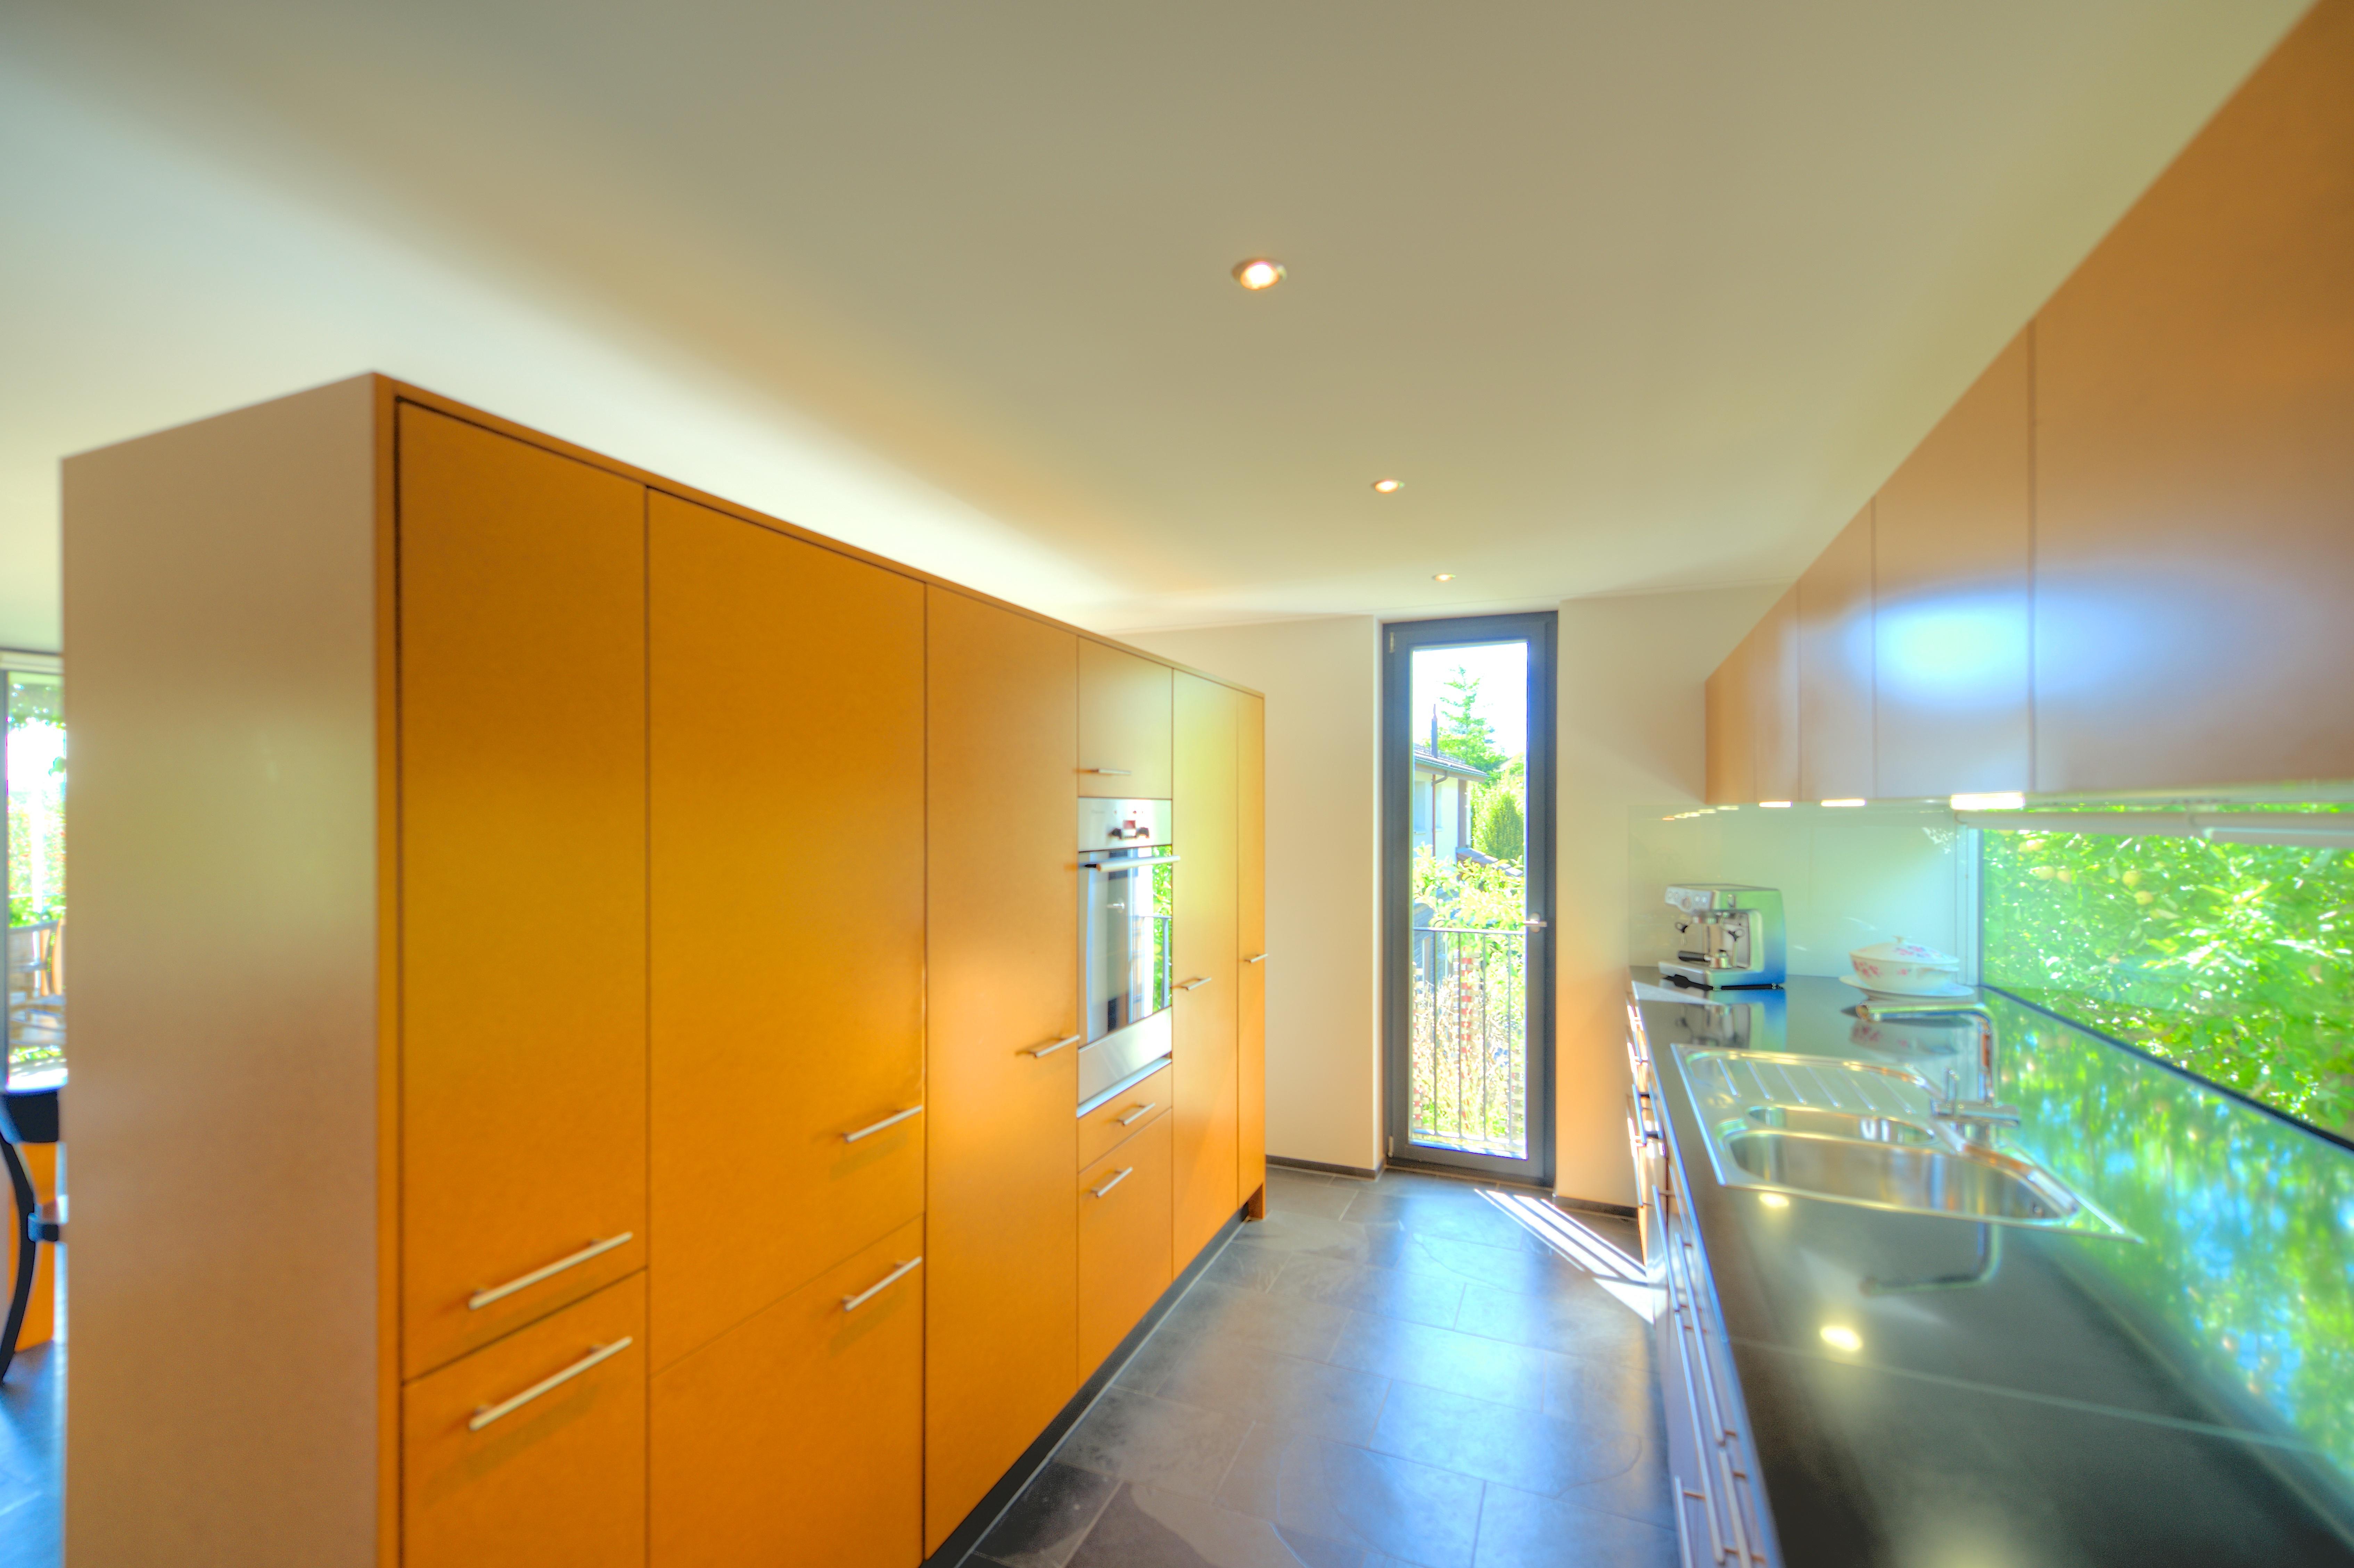 Die moderne Küche mit lackierten MDF-Fronten